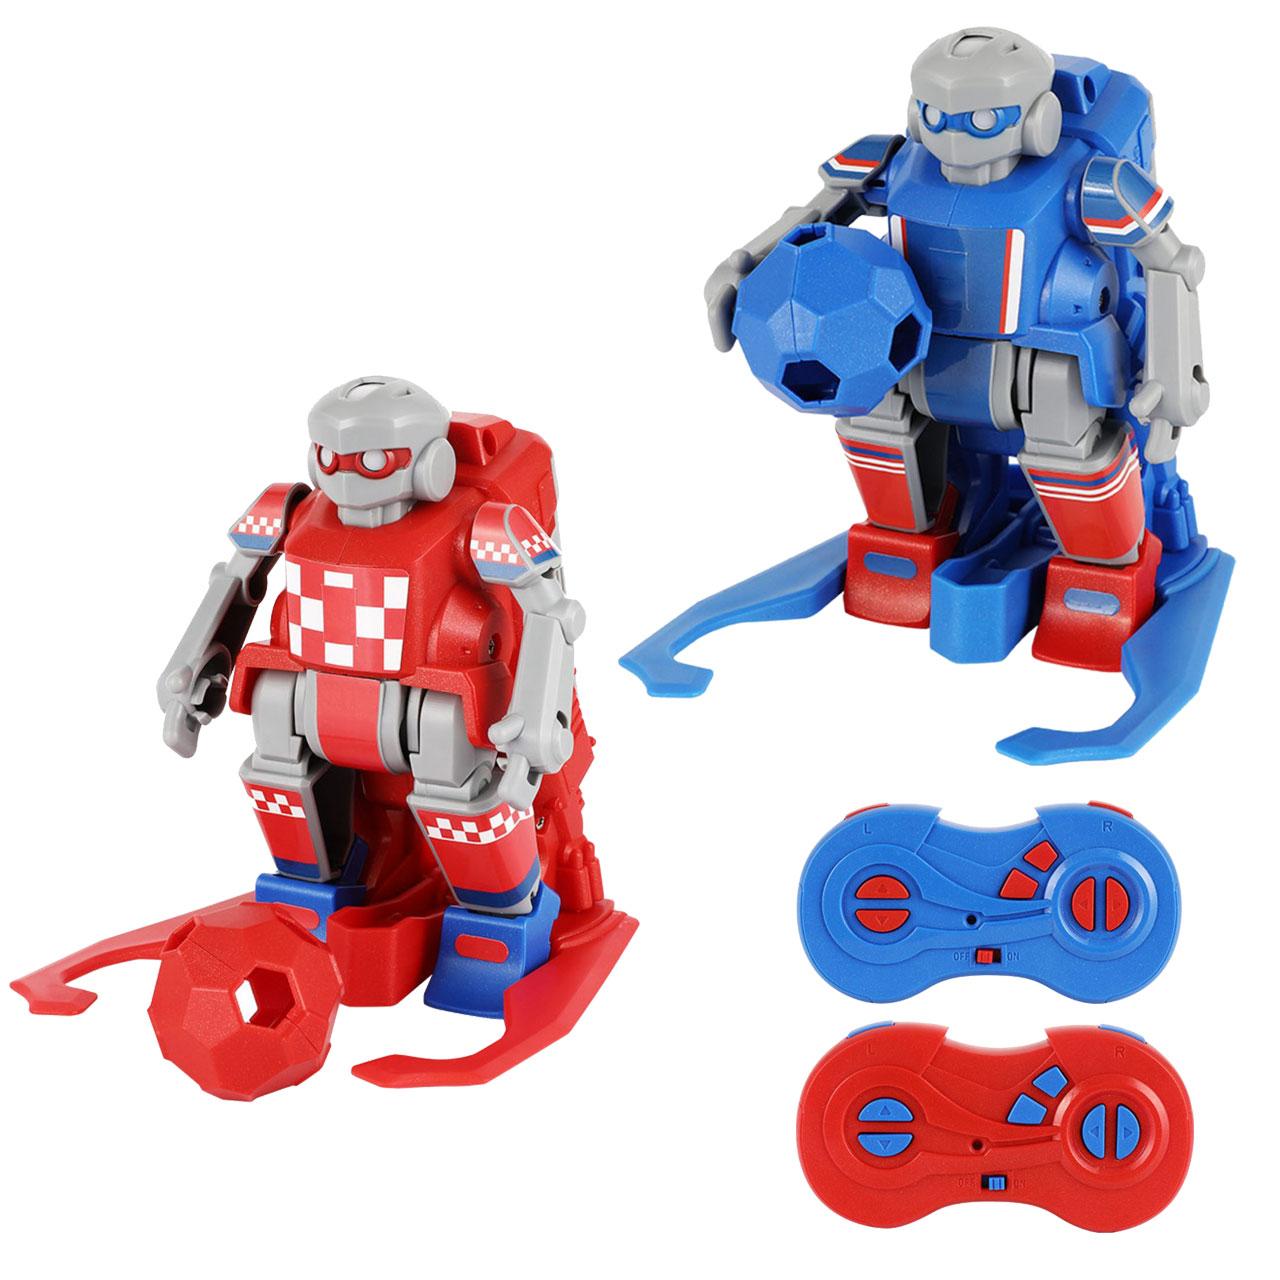 ربات یانتنگ مدل Robosoccer مجموعه دو عددی